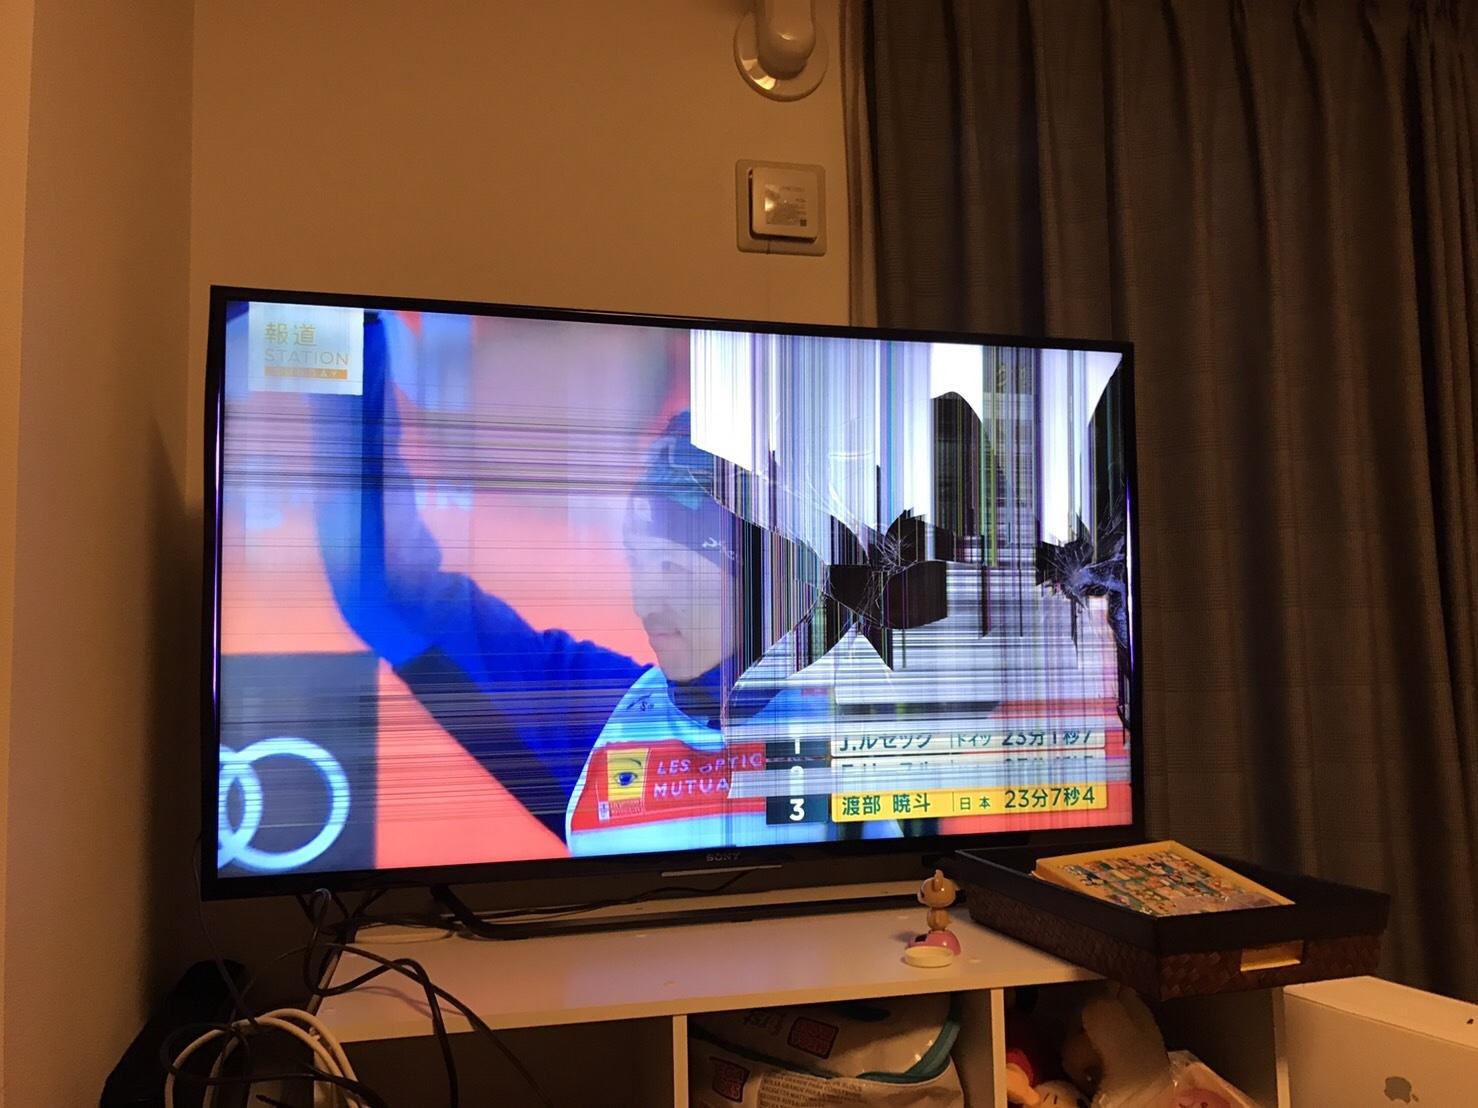 破損テレビ